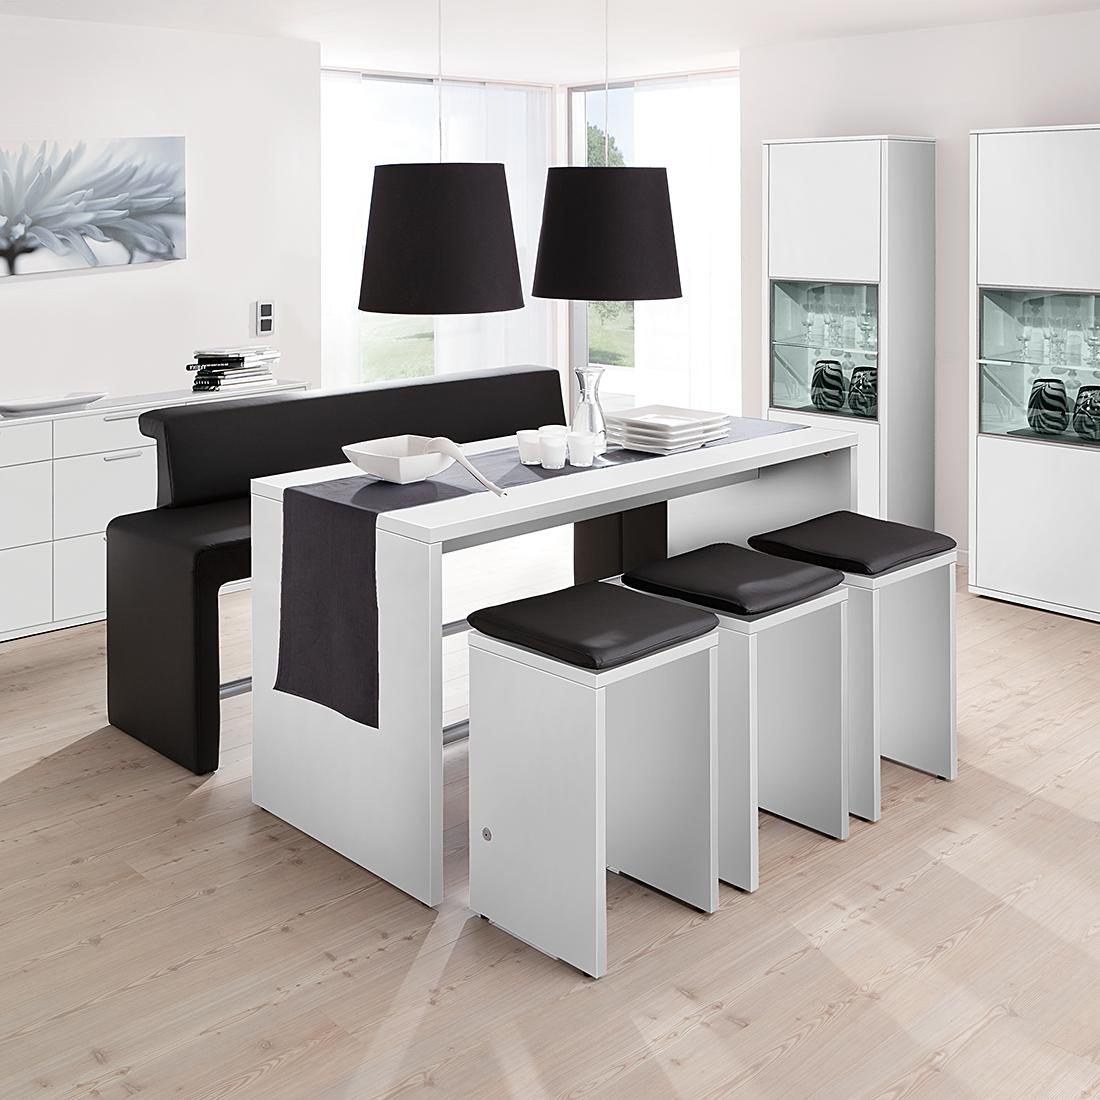 bartisch 6 personen bestseller shop f r m bel und einrichtungen. Black Bedroom Furniture Sets. Home Design Ideas